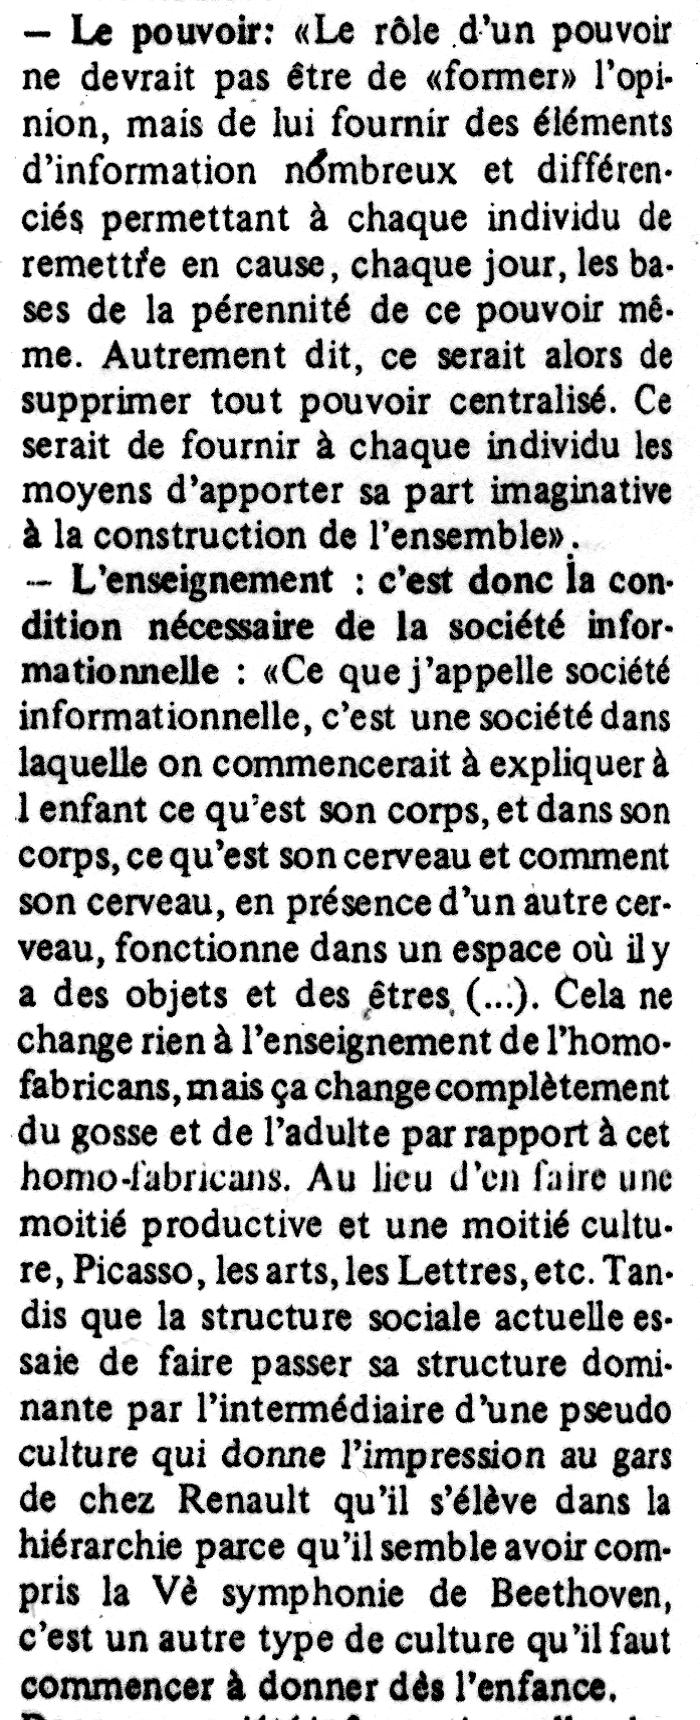 Le Monde5.(Sauvage)png